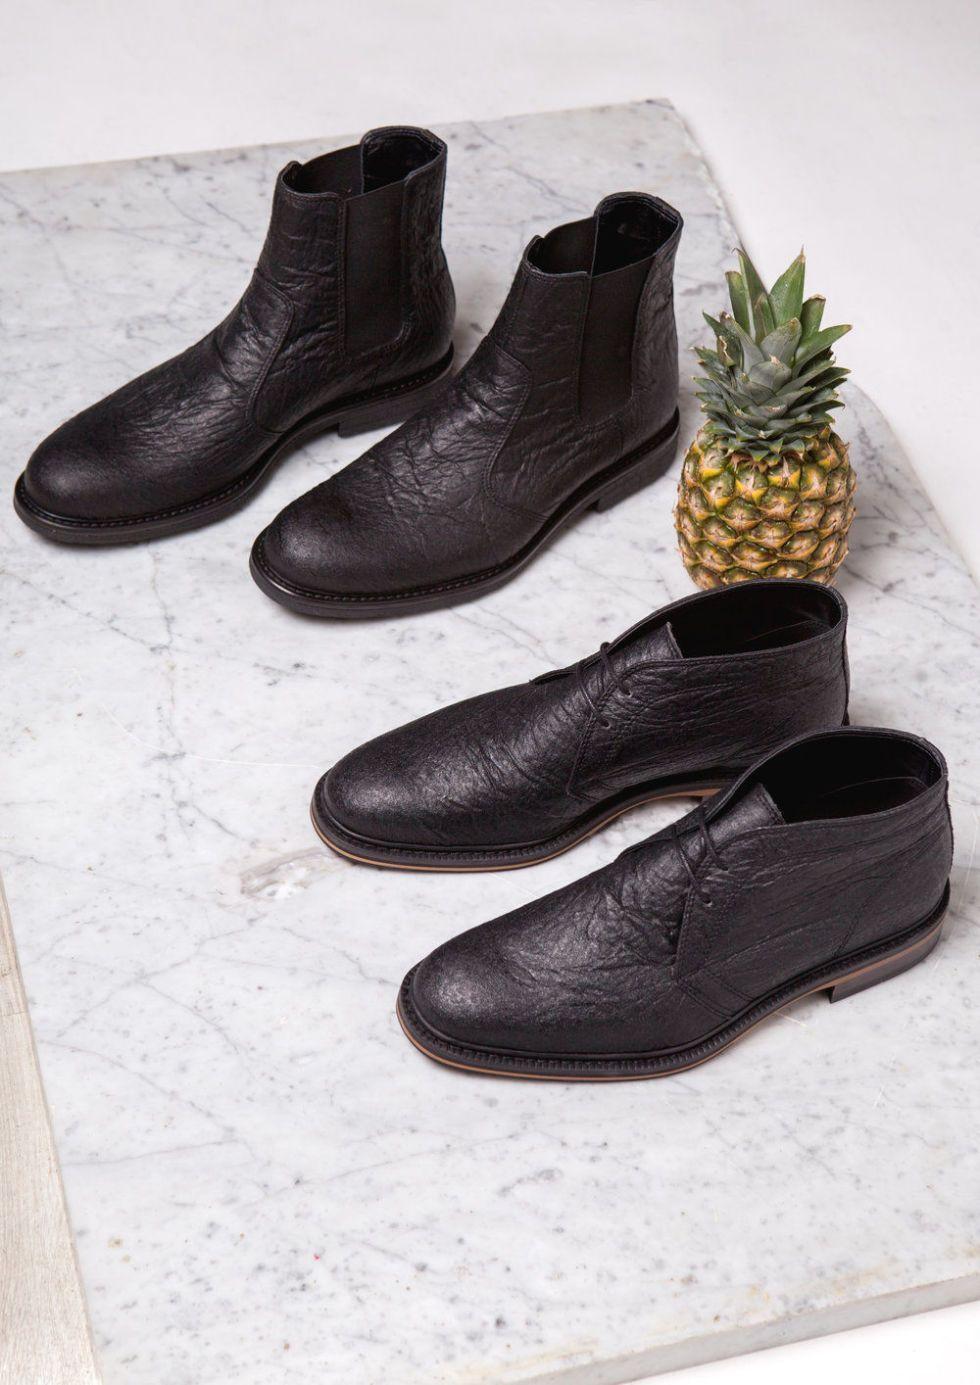 Vegan shoes boots, Vegan shoes